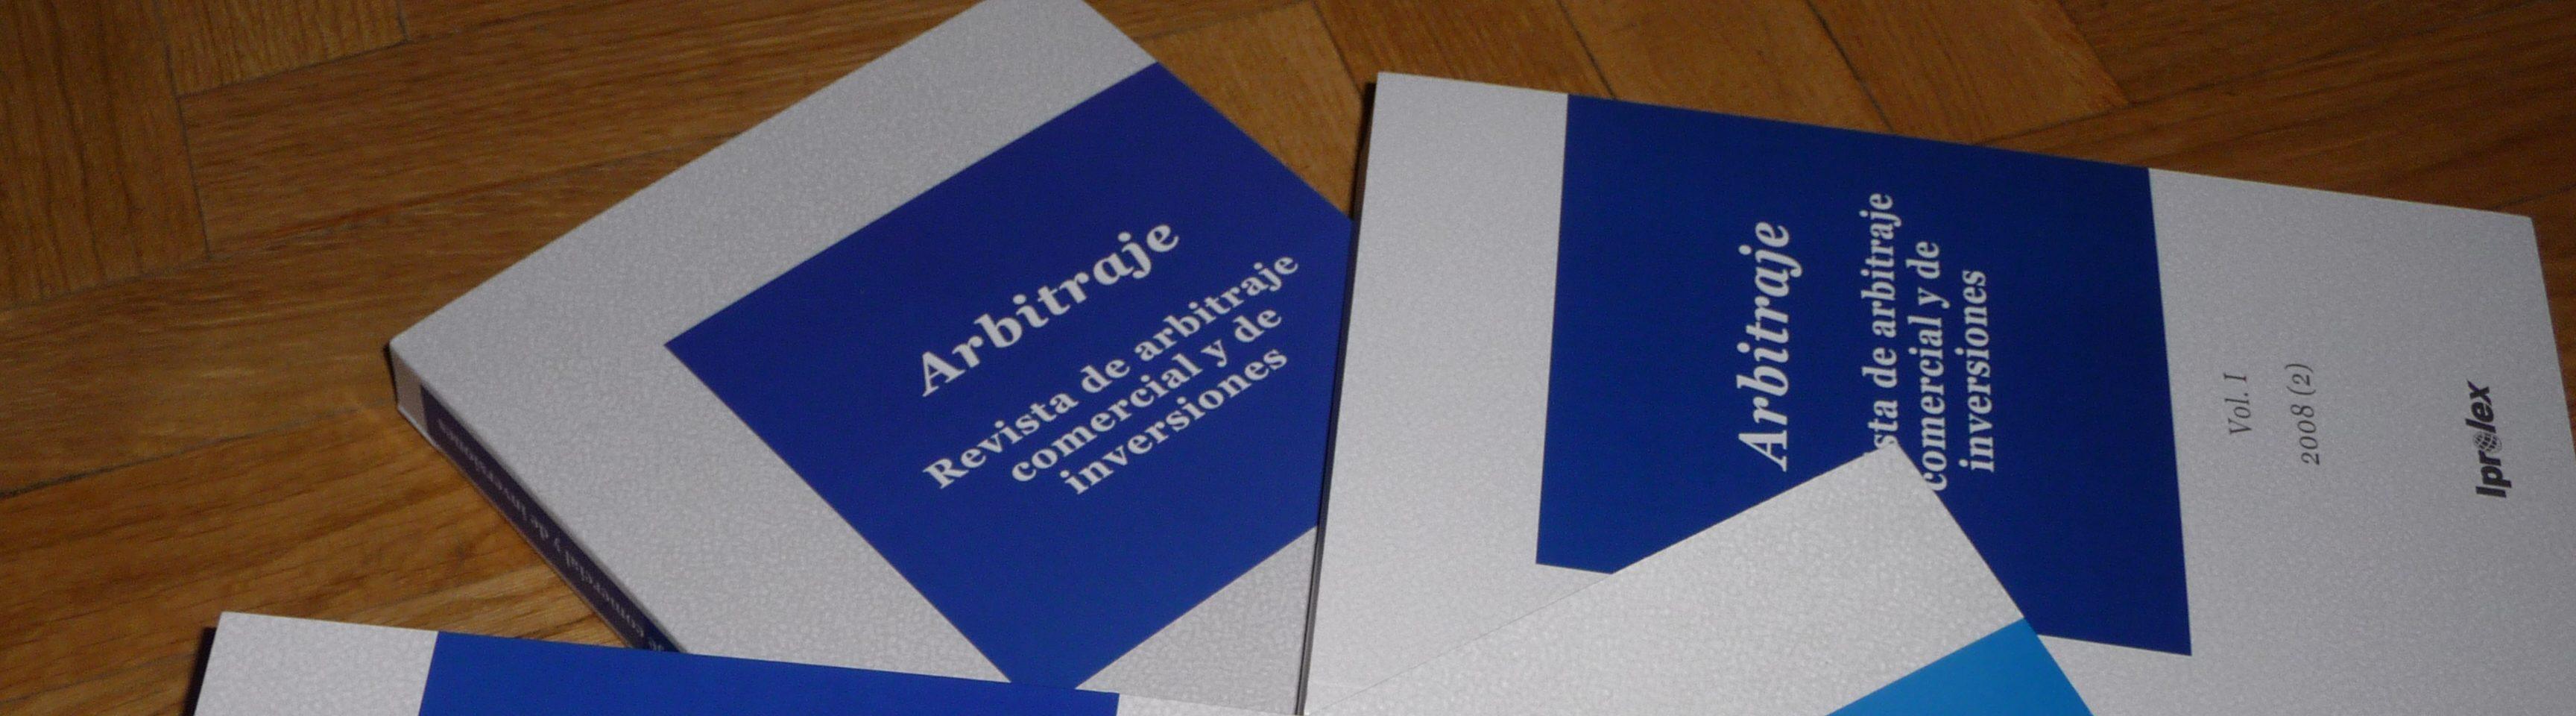 Arbitraje: Revista de arbitraje comercial y de inversiones